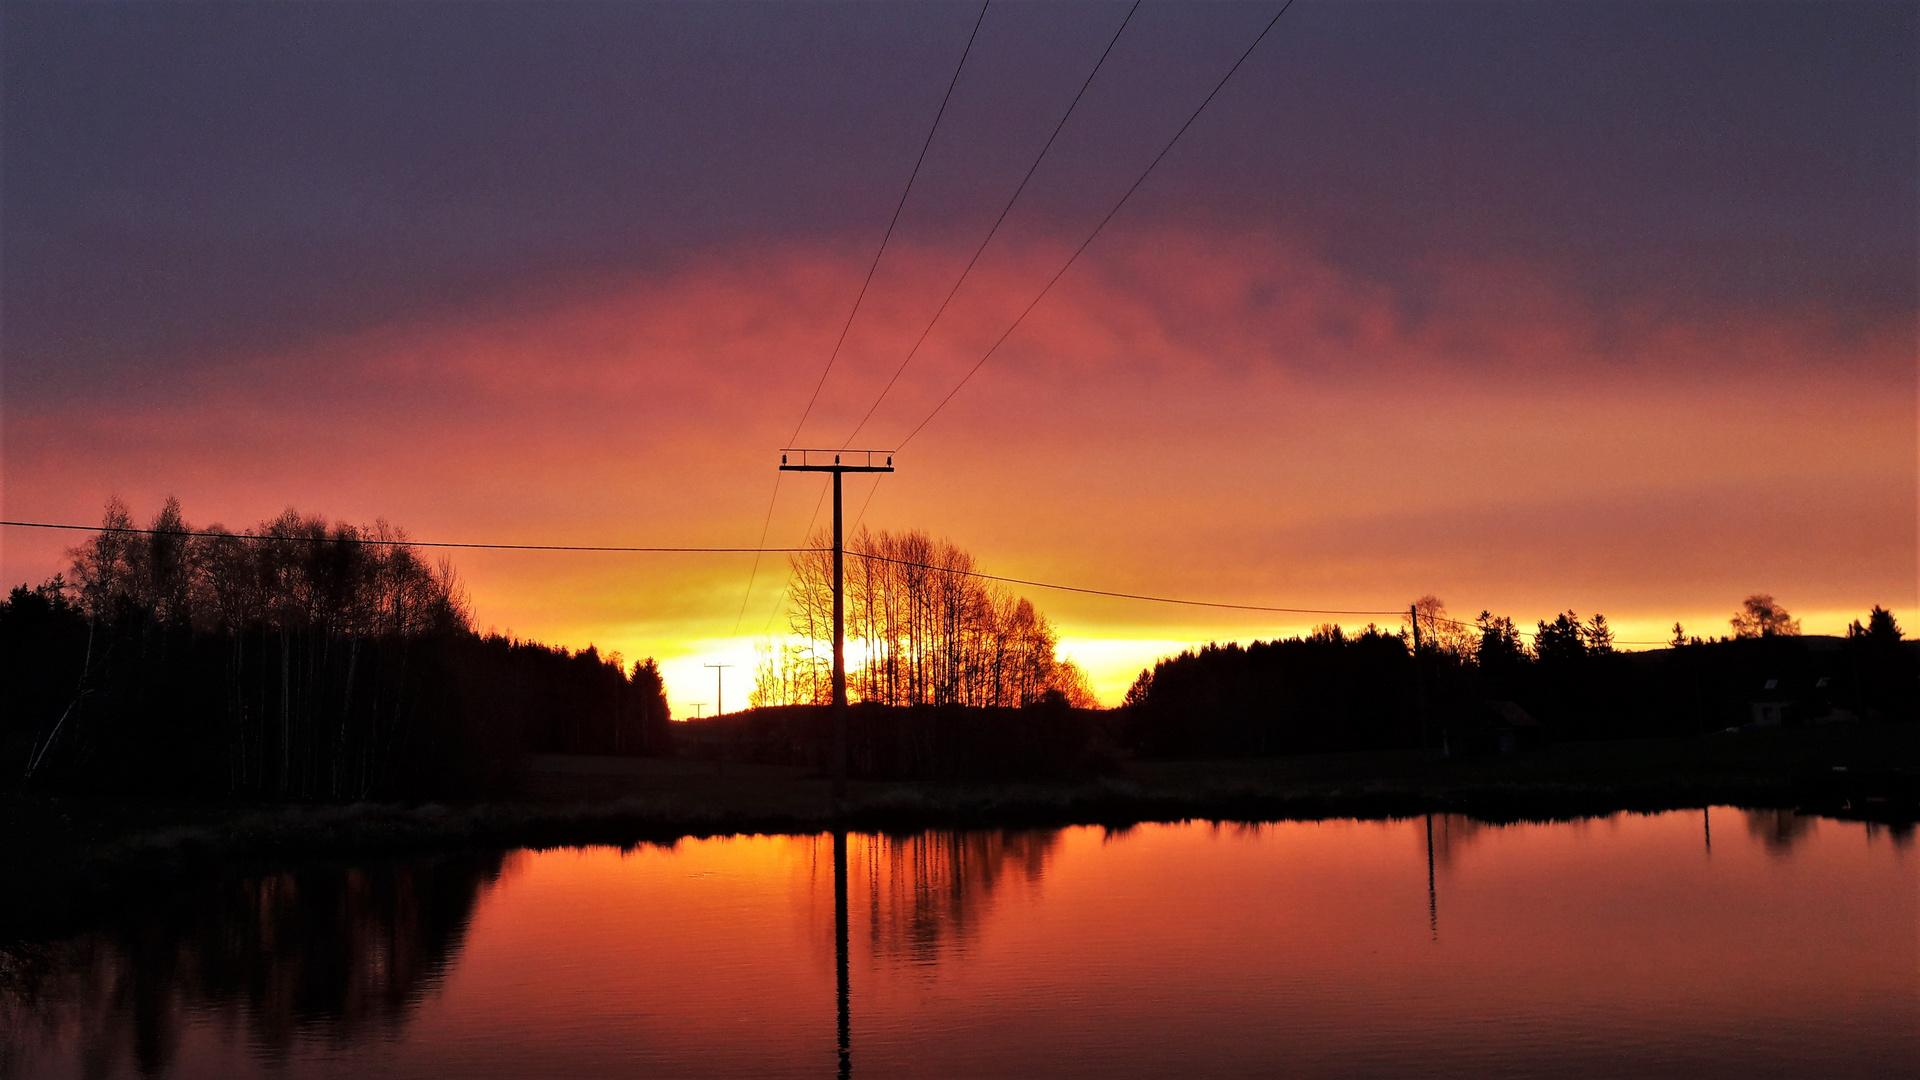 20210511 Sonnenaufgang  über Seerosenteich 5 Uhr 28